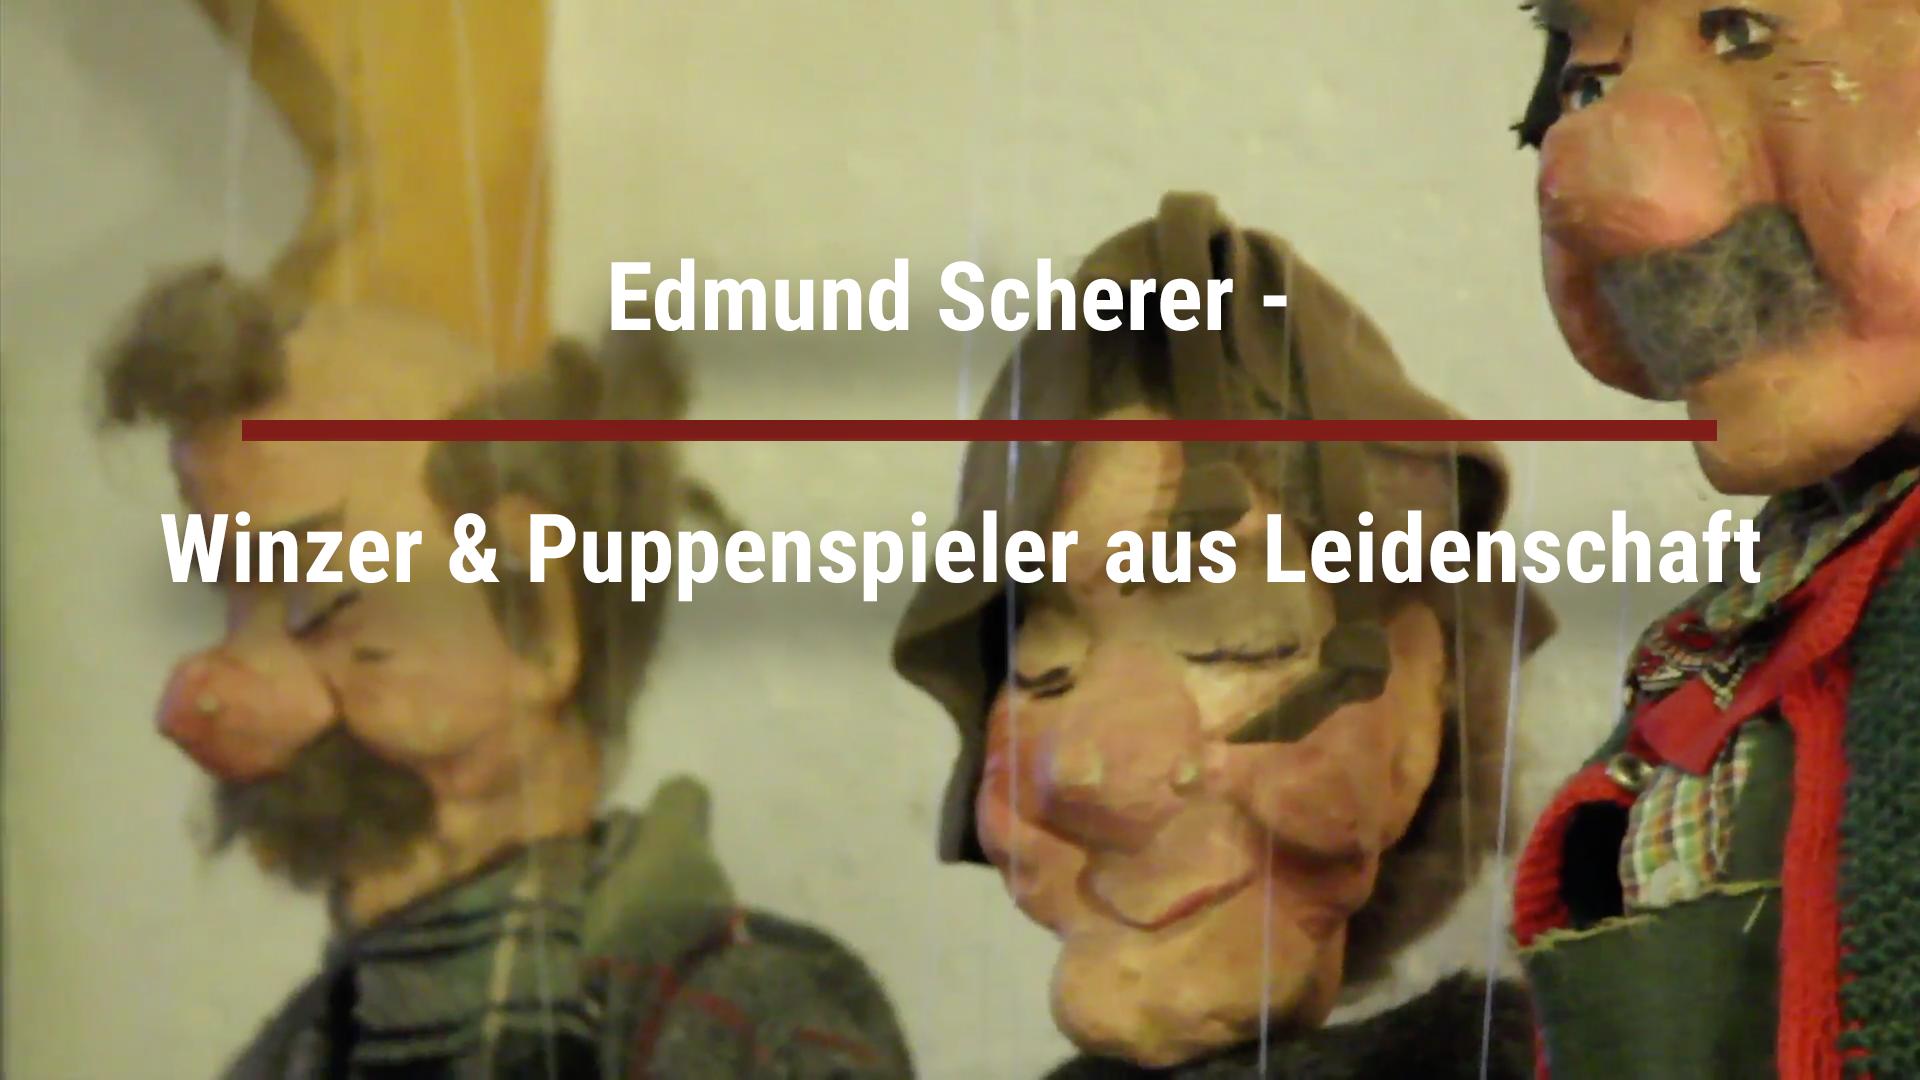 Edmund Scherer – Winzer & Puppenspieler aus Leidenschaft